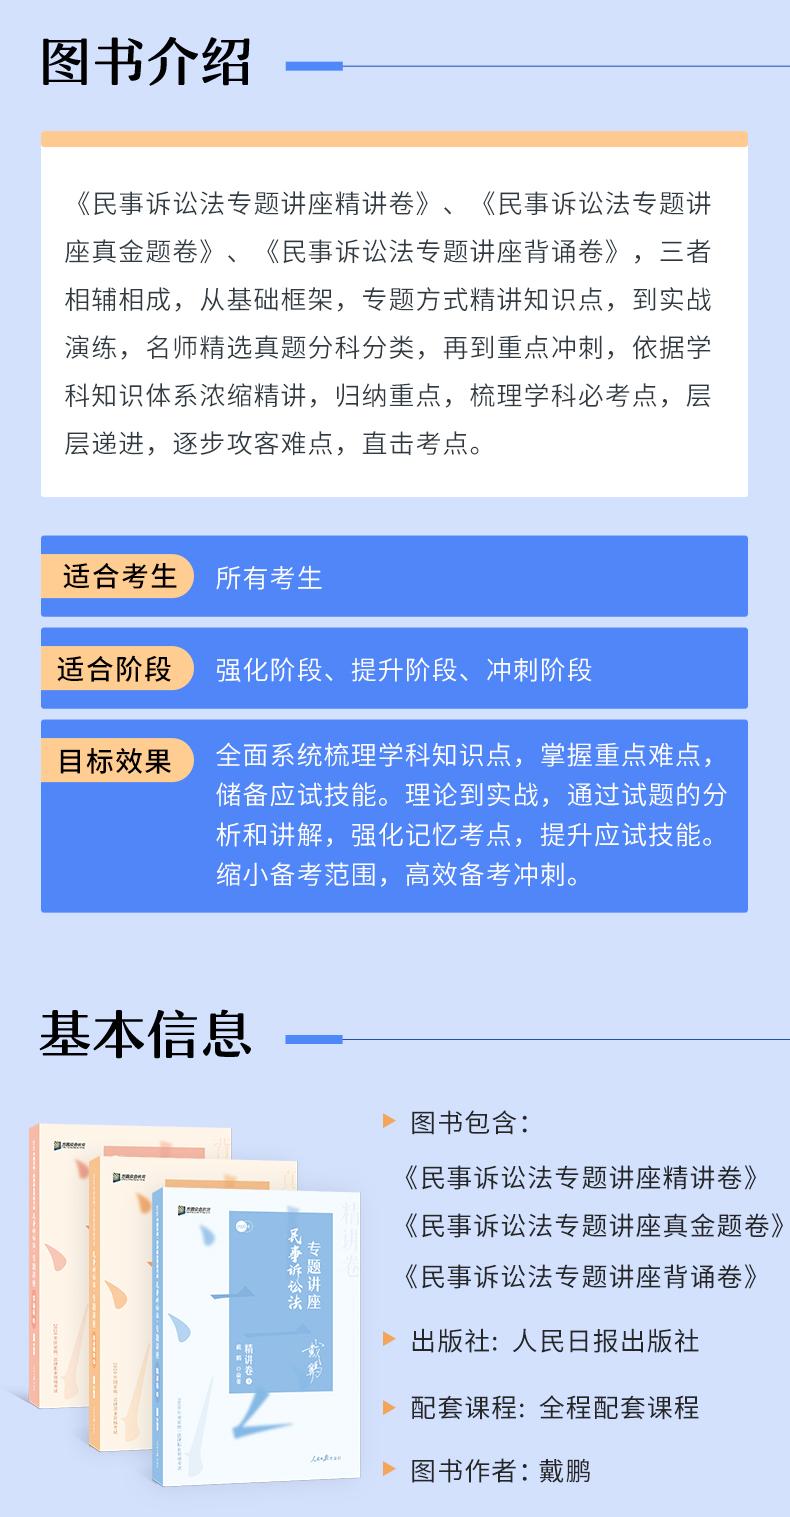 民诉大包-_03.png